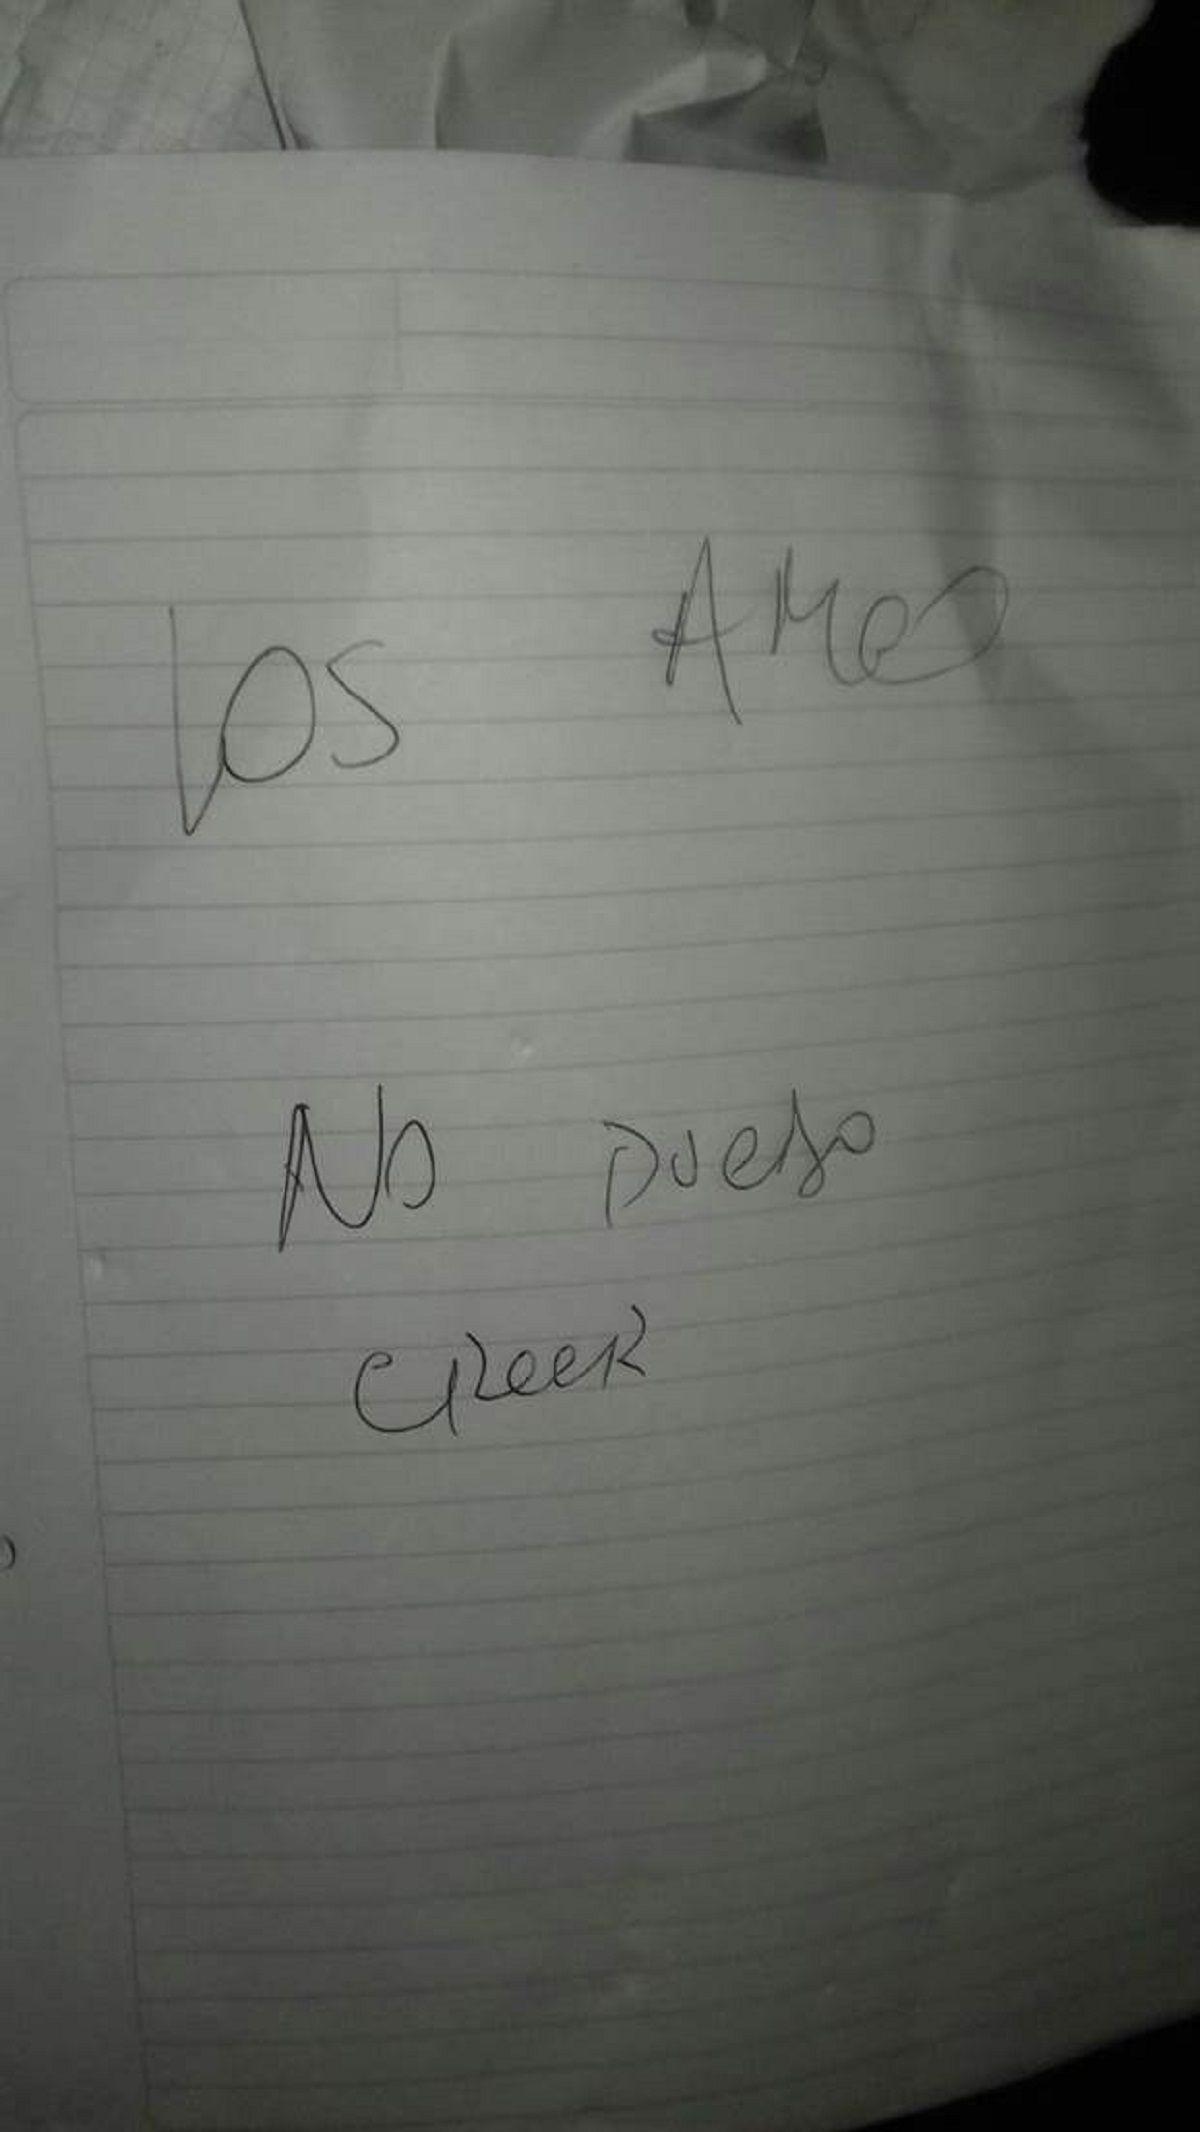 Encontraron una nota entre las pertenencias de Delhon